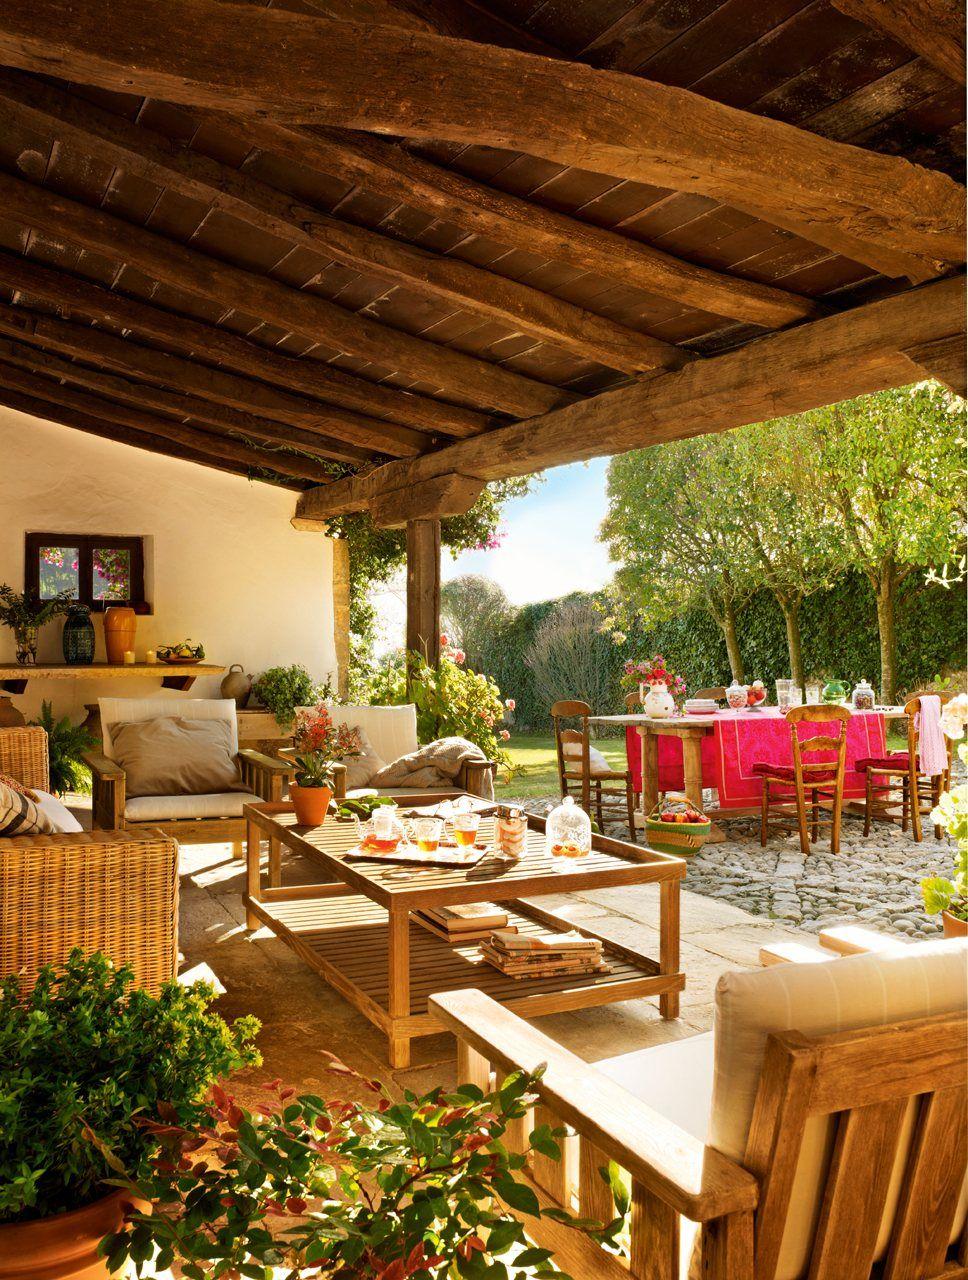 Vuestros deseos decorativos para el 2013 for Casa y jardin revista de decoracion